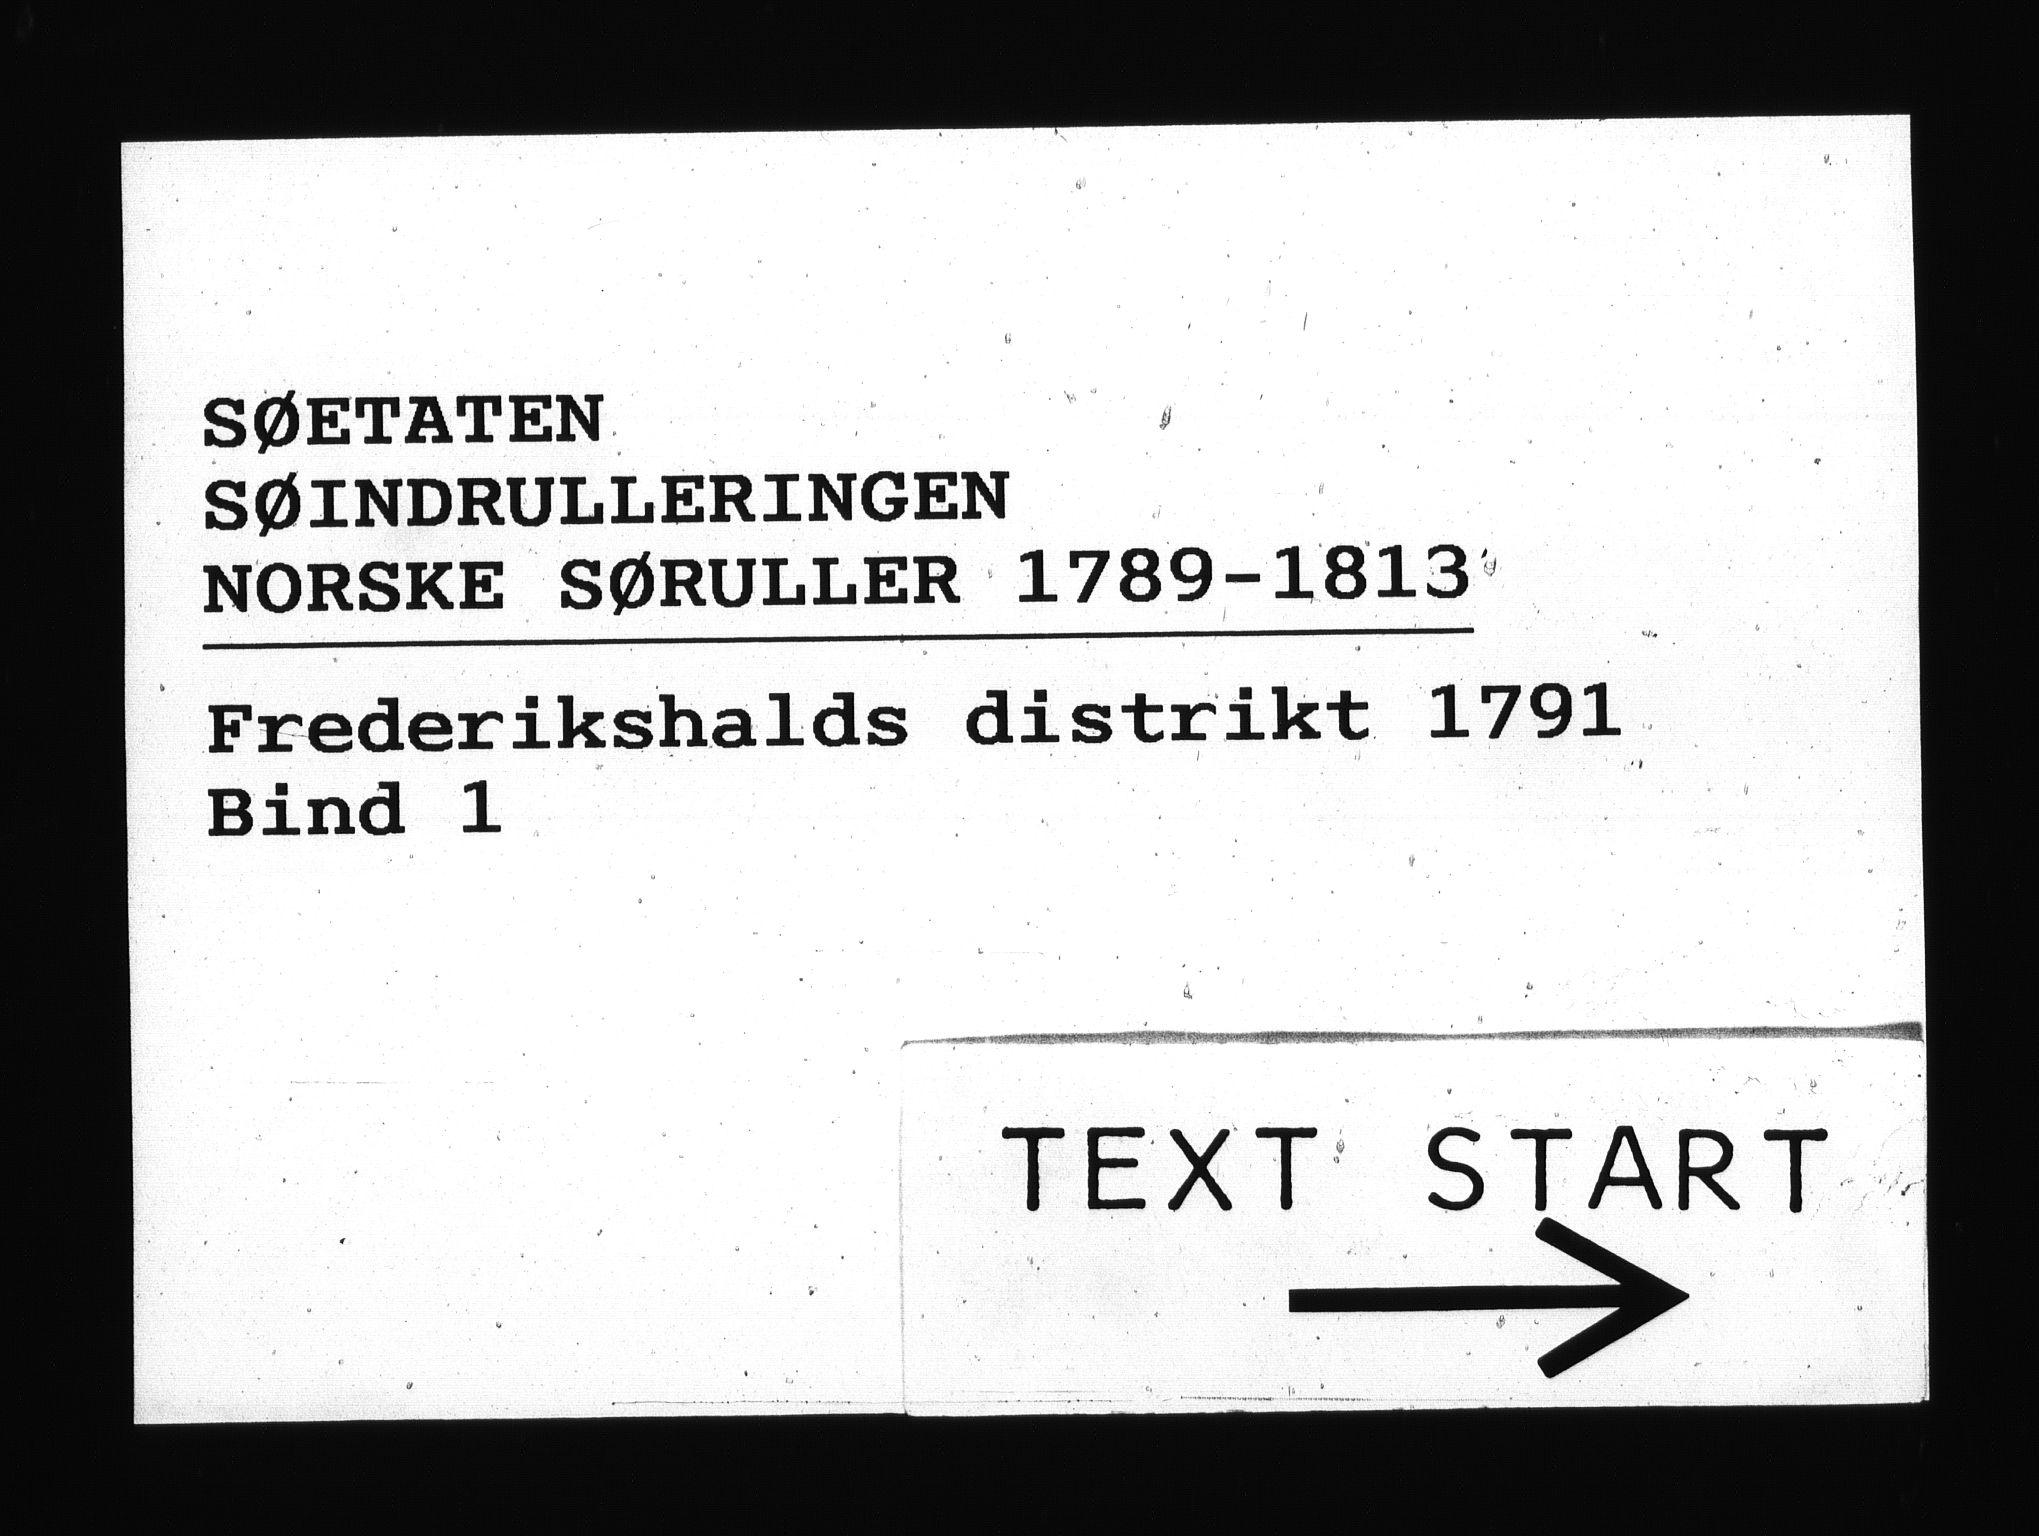 RA, Sjøetaten, F/L0174: Fredrikshalds distrikt, bind 1, 1791